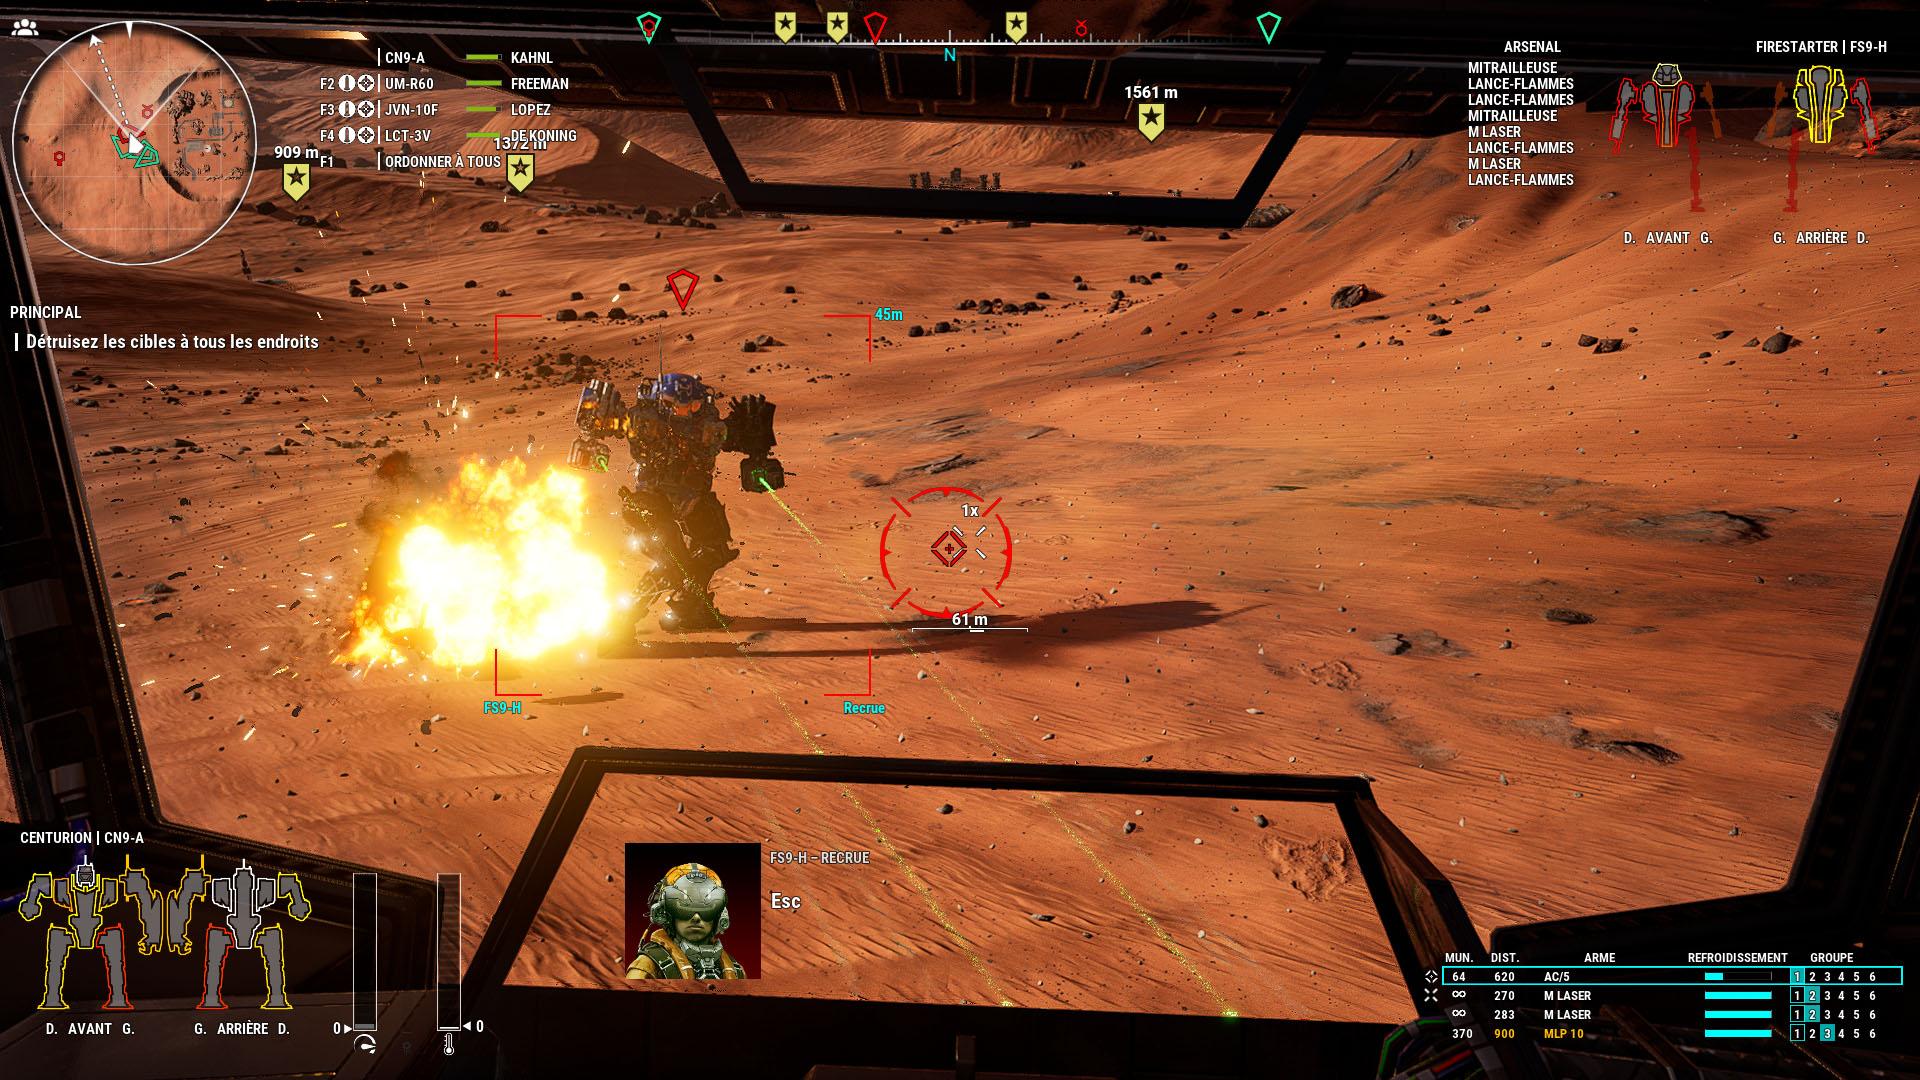 Entre ses graphismes désuets et son interface pas toujours au point, le jeu donne parfois la fausse impression que les affrontements se résument à deux mechs qui se tirent dessus en attendant de voir qui explosera en premier.